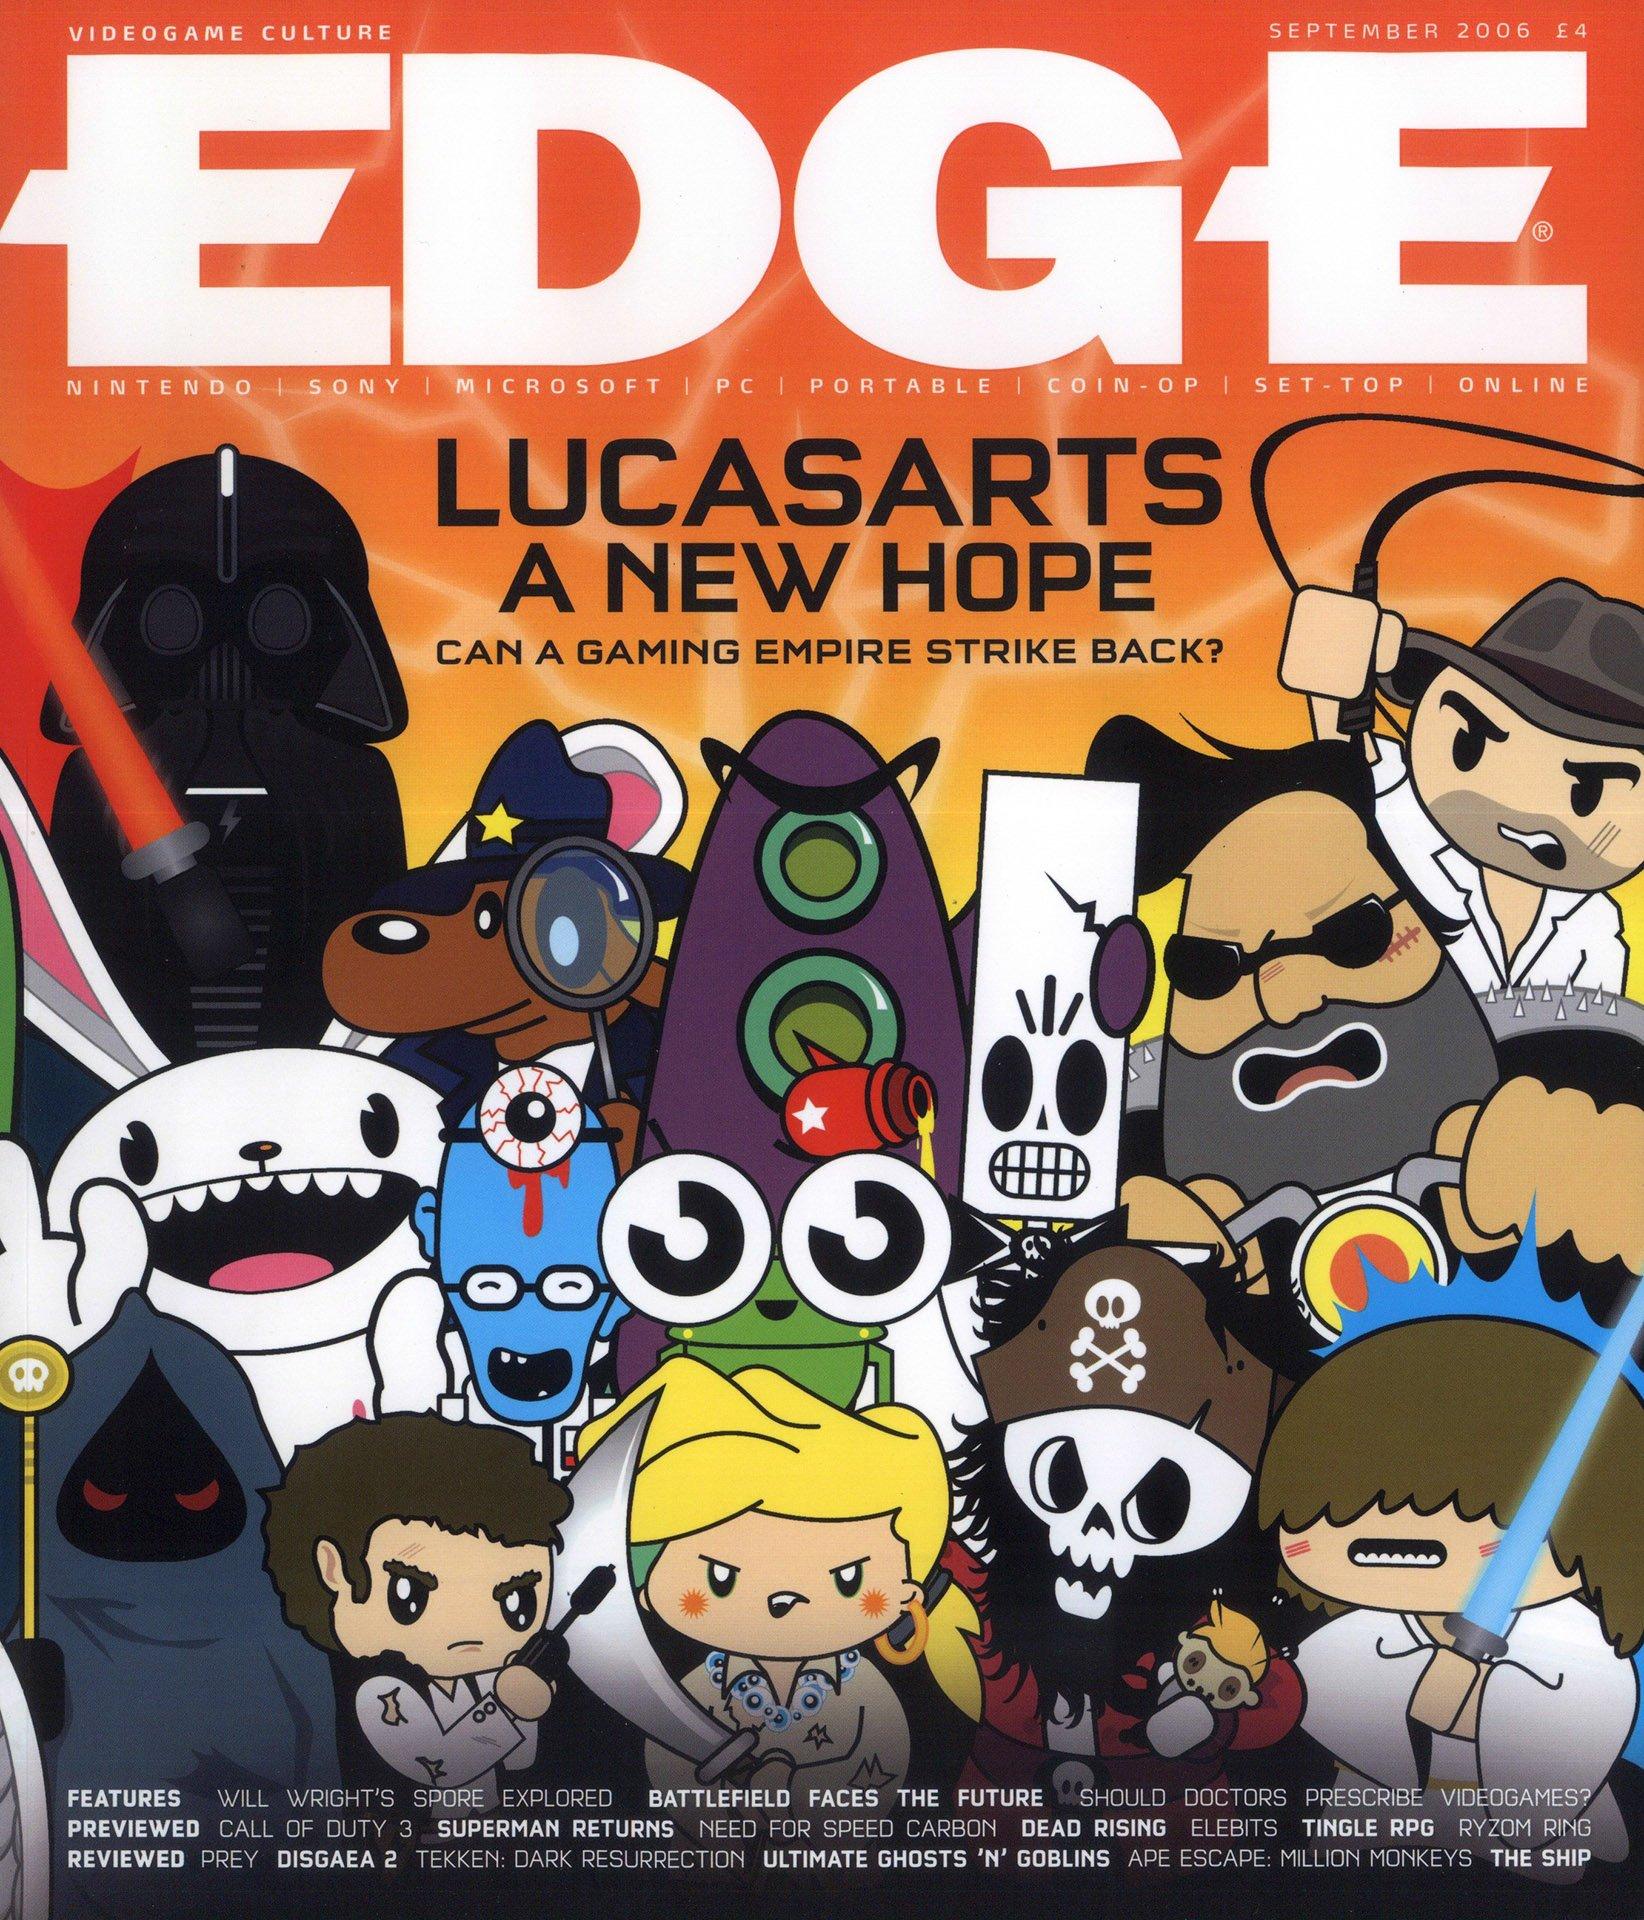 Edge 166 (September 2006)